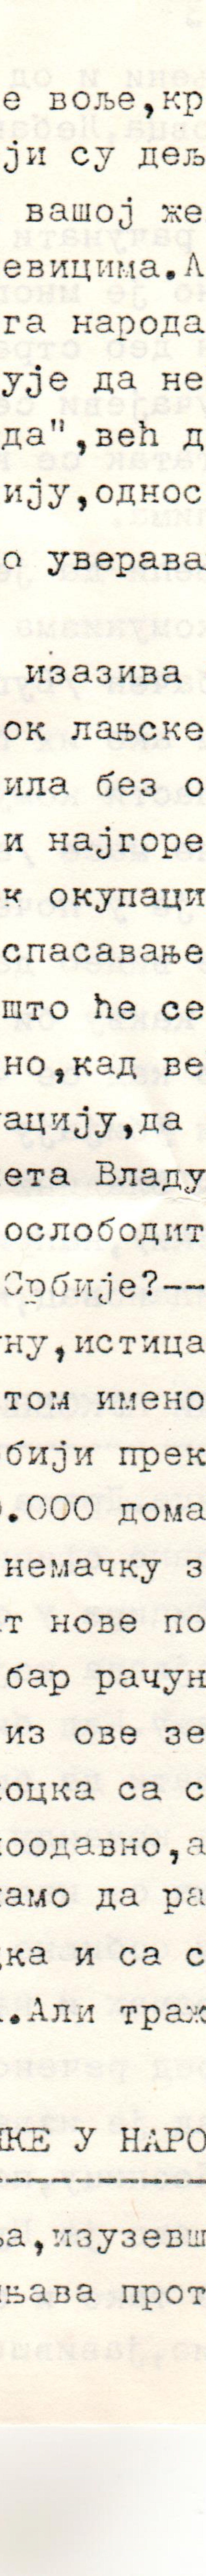 7.jpeg